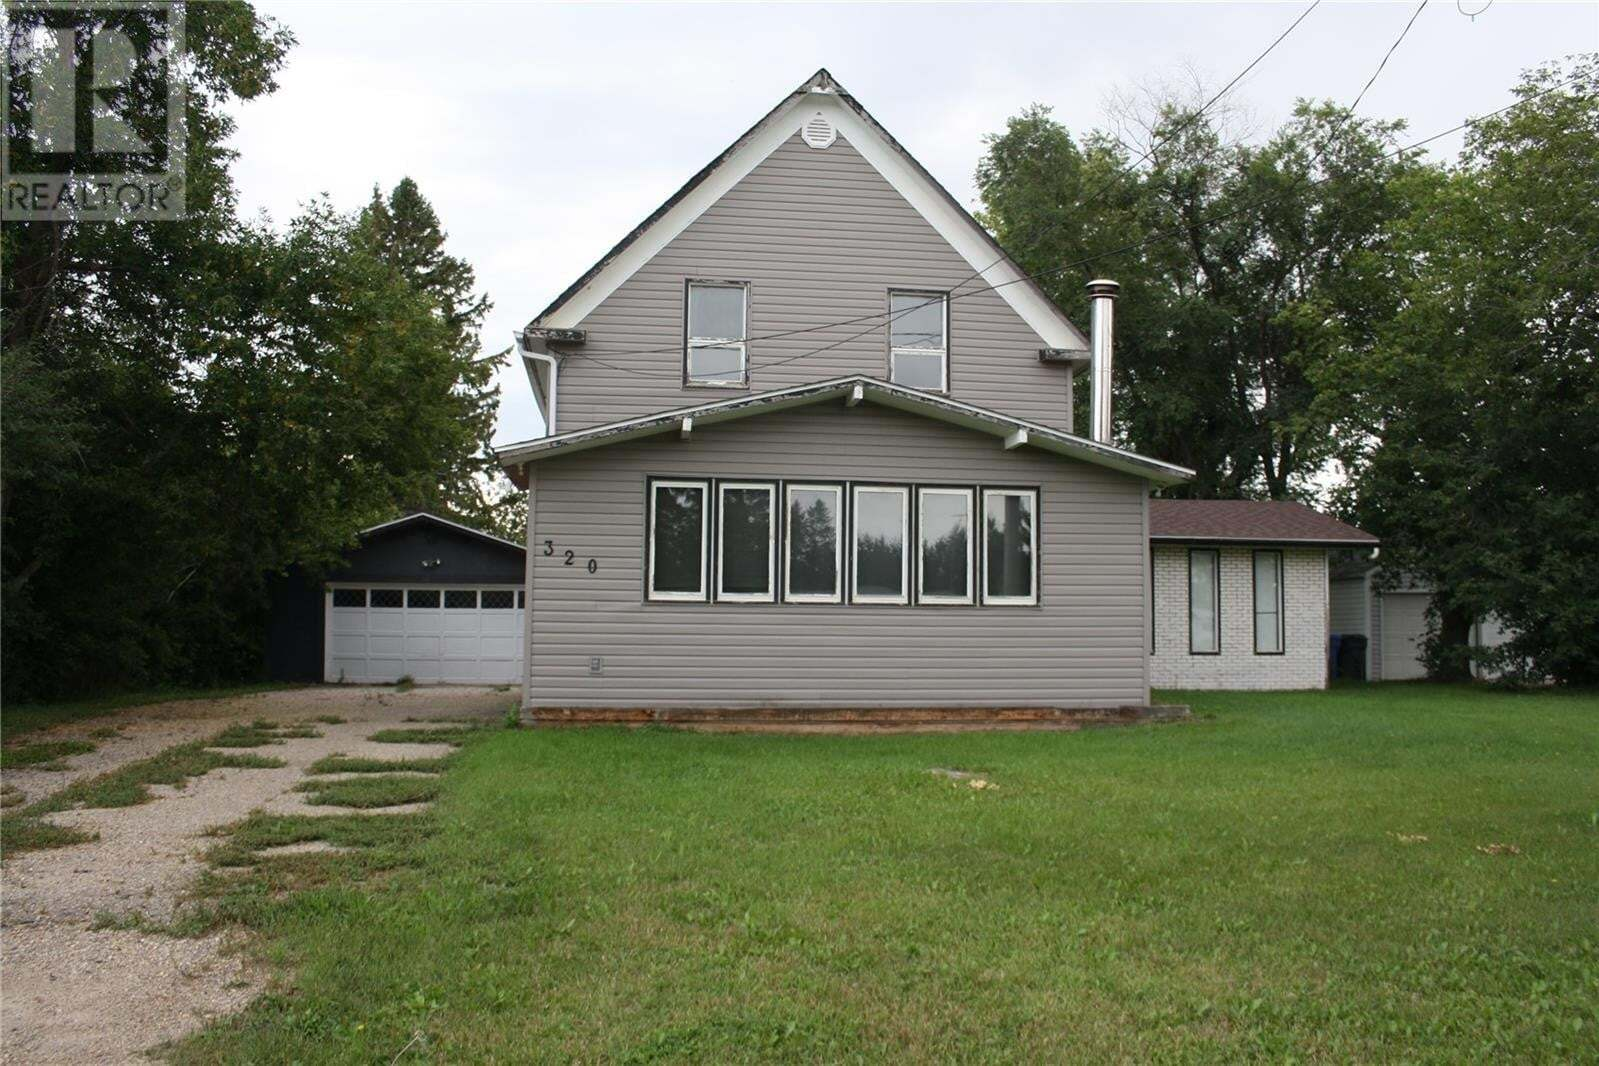 House for sale at 320 Broad St N Langenburg Saskatchewan - MLS: SK823954